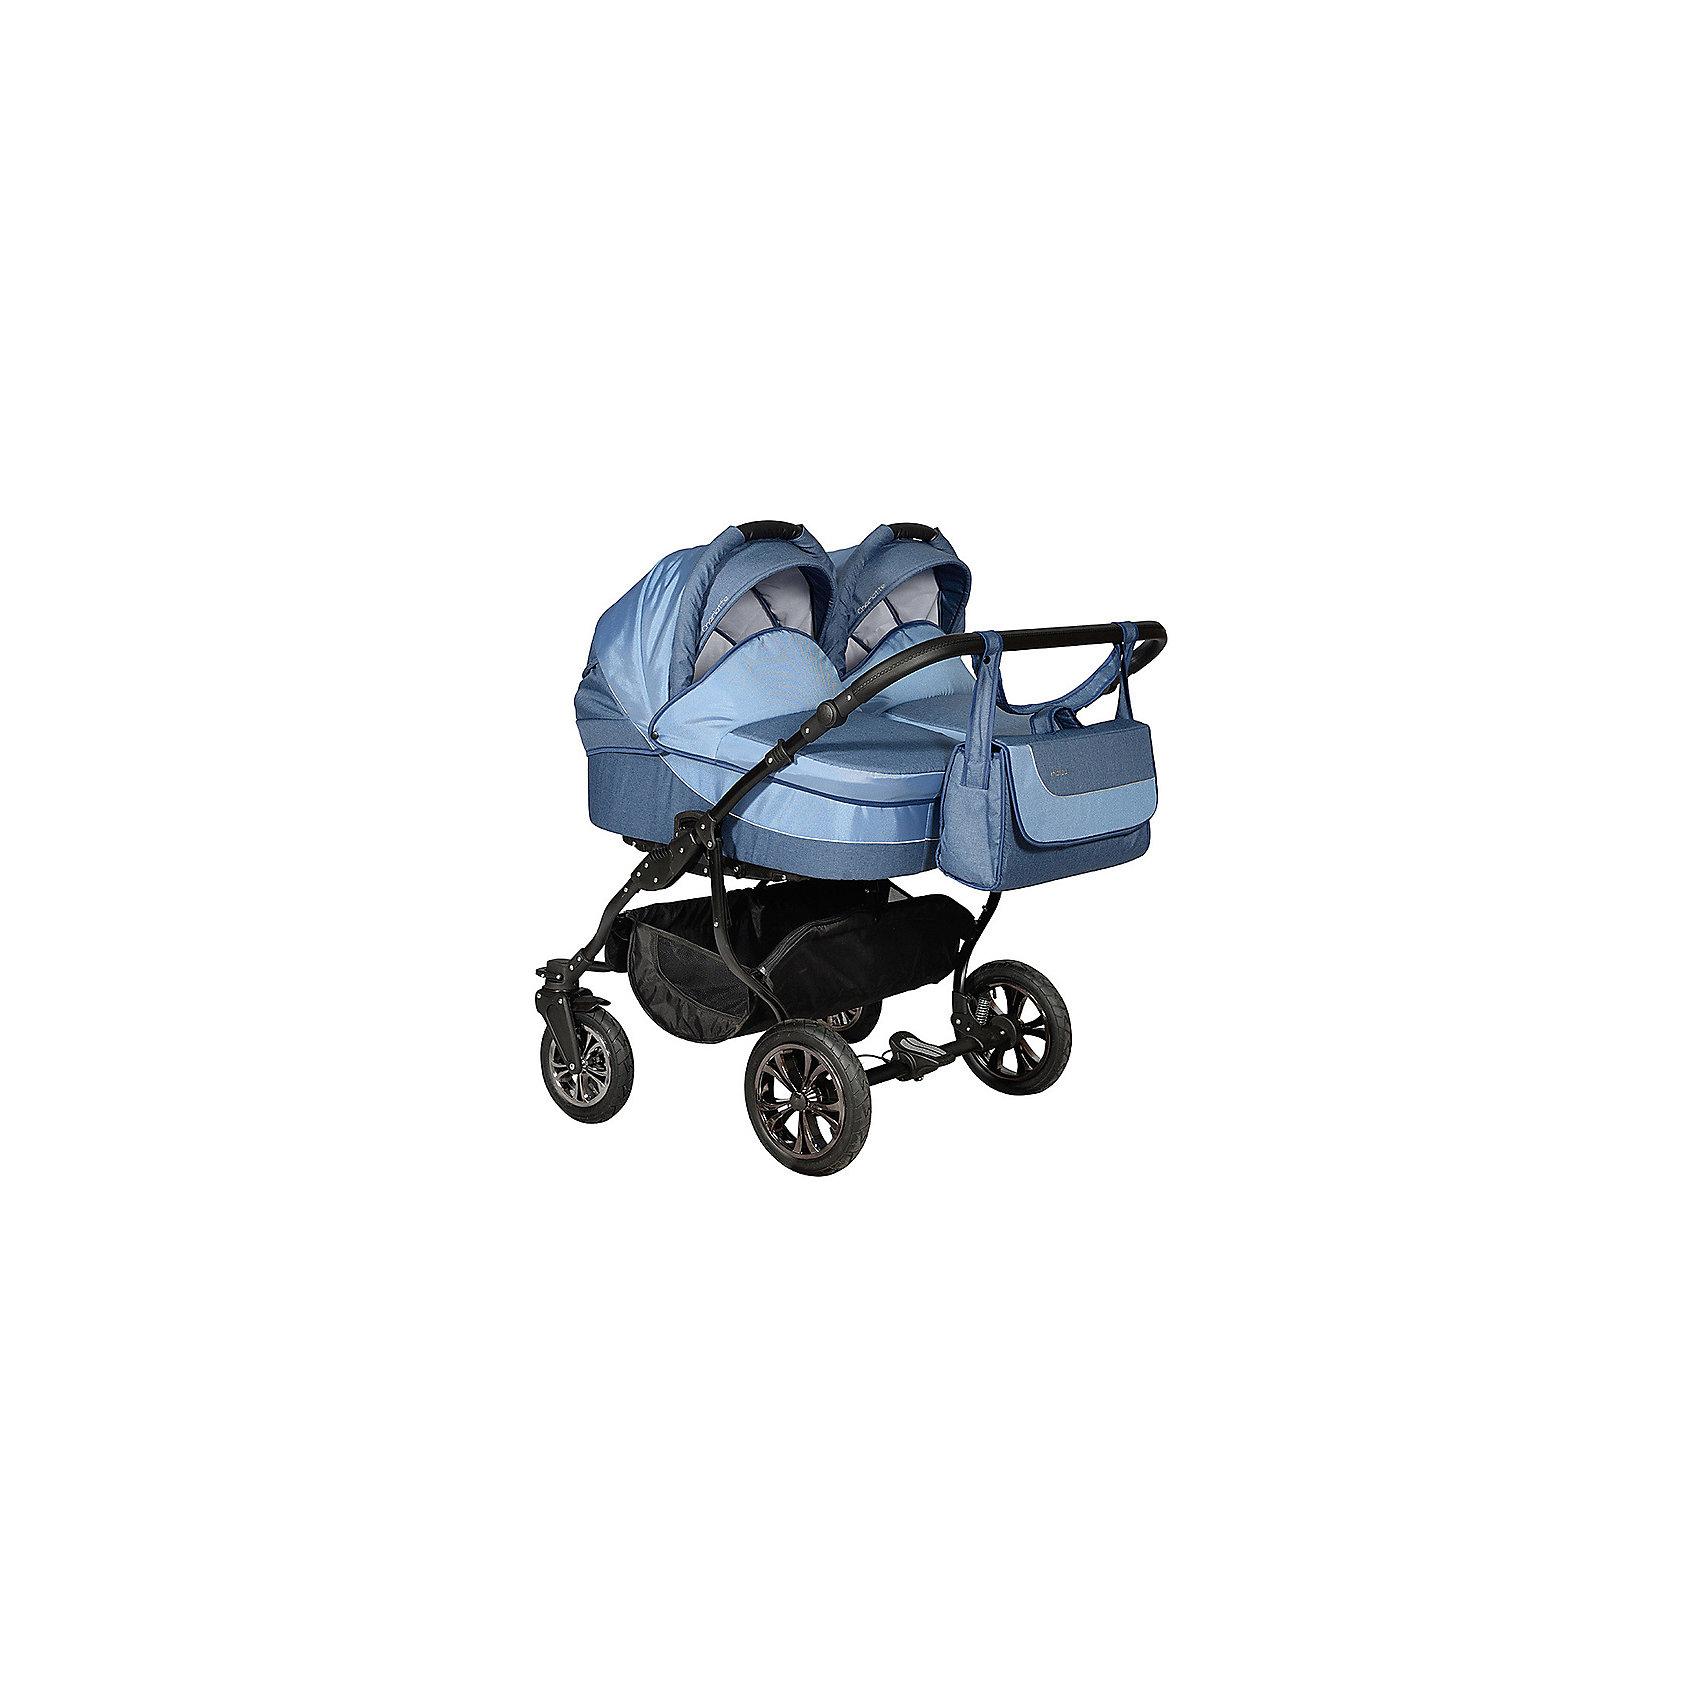 Коляска 2 в 1 для двойни CHARLOTTE DUO Ch 15, Indigo, джинсаКоляска 2 в 1 для двойни CHARLOTTE DUO Ch 15, Indigo, джинса – для удобного передвижения с двумя малышами. <br>Данная модель подходит для детей с самого рождения и до трех лет благодаря тому, что она состоит из люльки и прогулочного блока. Натуральная ткань коляски не вредит коже новорожденных. В комплекте с коляской накидка на ножки, сумка, дождевик и москитная сетка. Коляска очень компактная и легкая, что позволяет маме гулять с детьми одной. Коляску легко чистить и стирать. Высота ручки с возможностью регулировки. Большие колеса делают ход коляски плавным и устойчивым к неровной или снежной дороге. Для безопасности детей люльки оснащены пятиточечными ремнями безопасности.<br><br>Дополнительная информация:<br><br>- цвет: джинса<br>- размеры спального блока: 89х80х49 см<br>- вес: 20,8 кг<br>- диаметр колес: передние – 23 см, задние 29 см<br><br>Коляску 2 в 1 для двойни CHARLOTTE DUO Ch 15, Indigo, джинса можно купить в нашем интернет магазине.<br><br>Ширина мм: 900<br>Глубина мм: 540<br>Высота мм: 950<br>Вес г: 30000<br>Возраст от месяцев: 0<br>Возраст до месяцев: 36<br>Пол: Унисекс<br>Возраст: Детский<br>SKU: 4983588